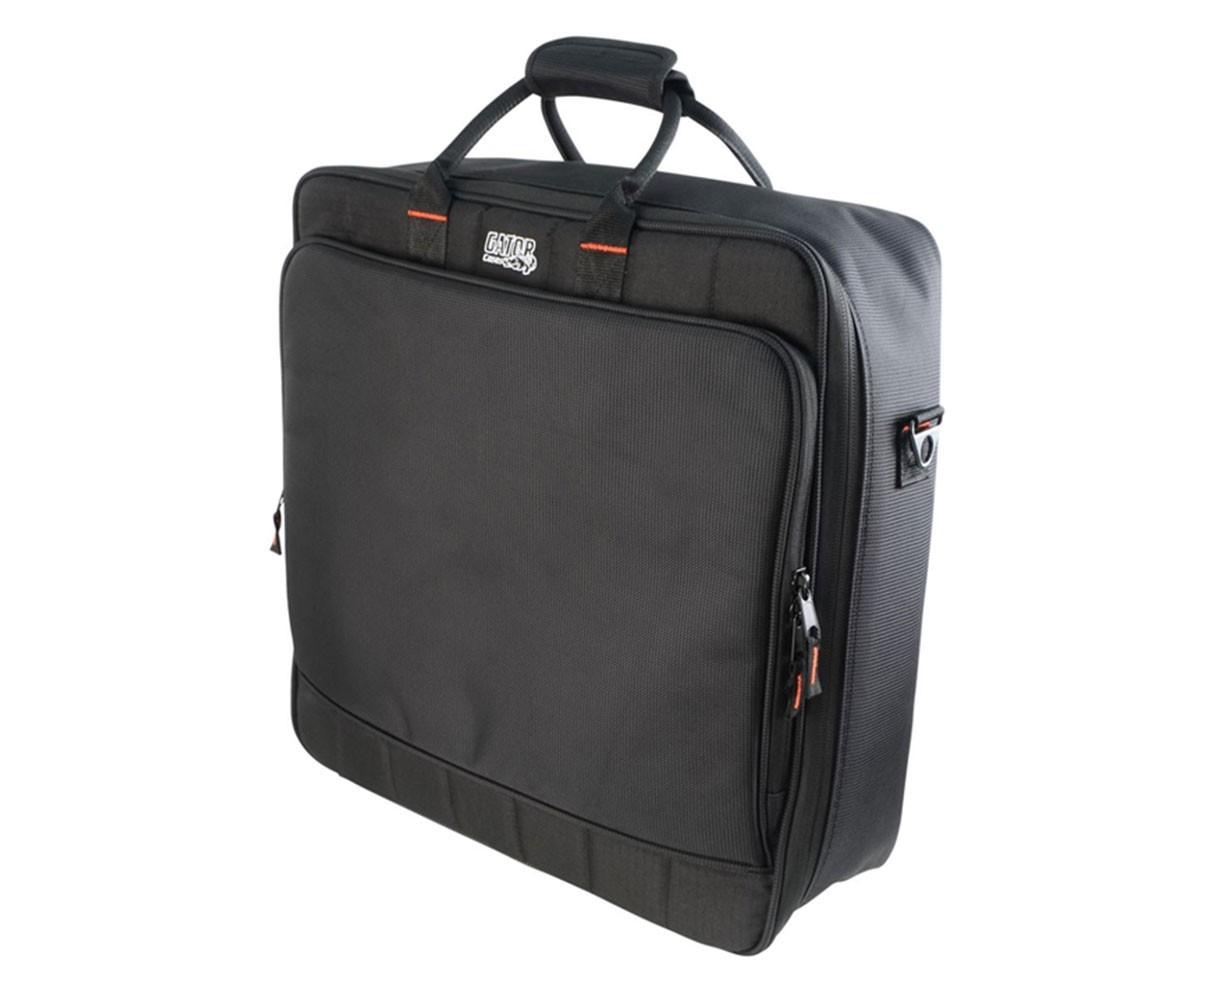 Gator Cases G-MIXERBAG-1818 Mixer Bag